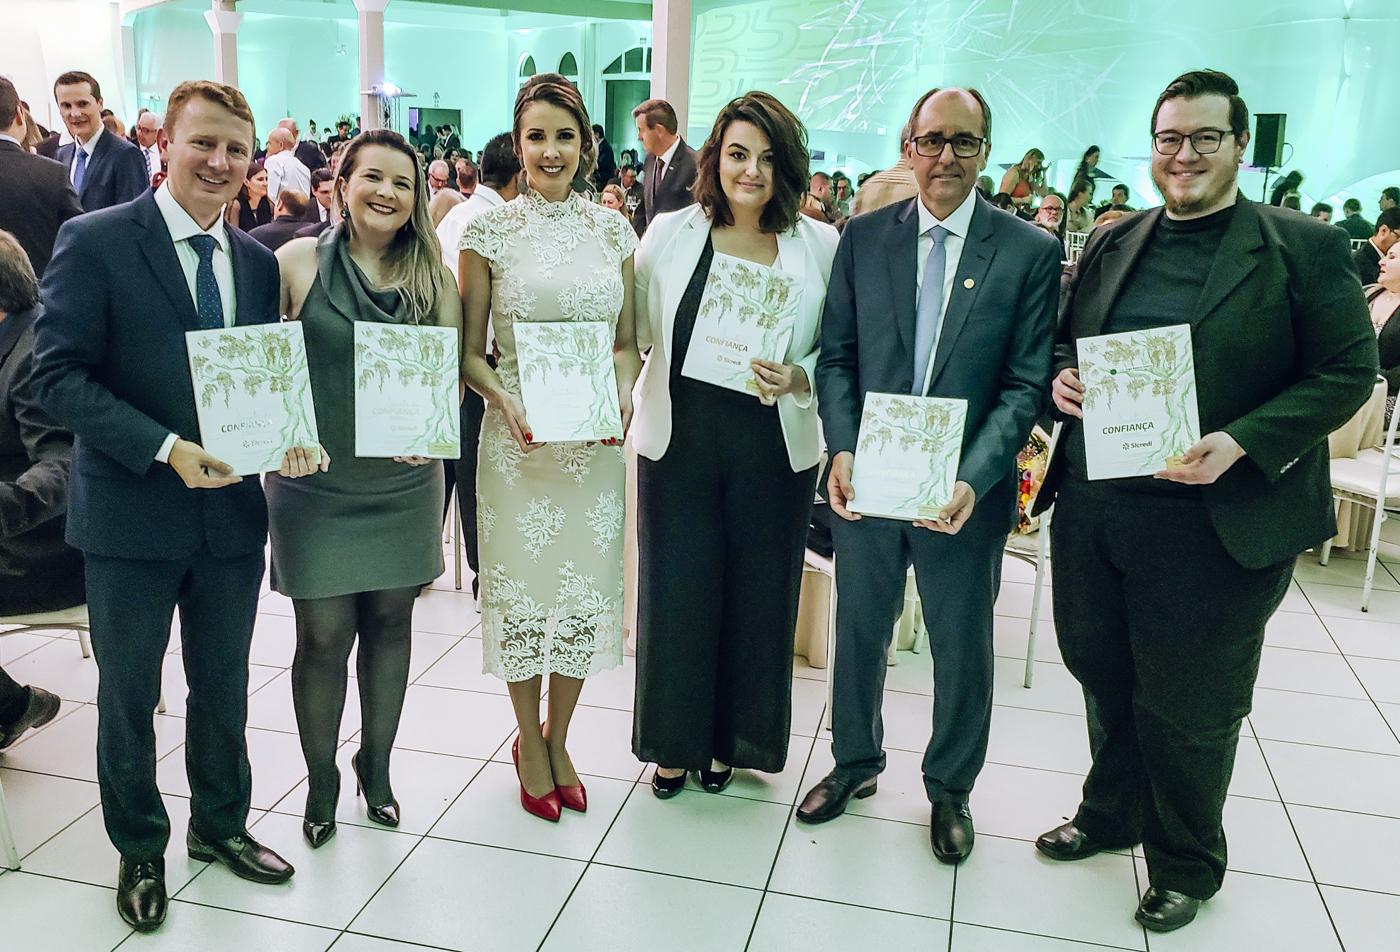 Lançamento do livro Sementes da Confiança em Prudentópolis/PR.